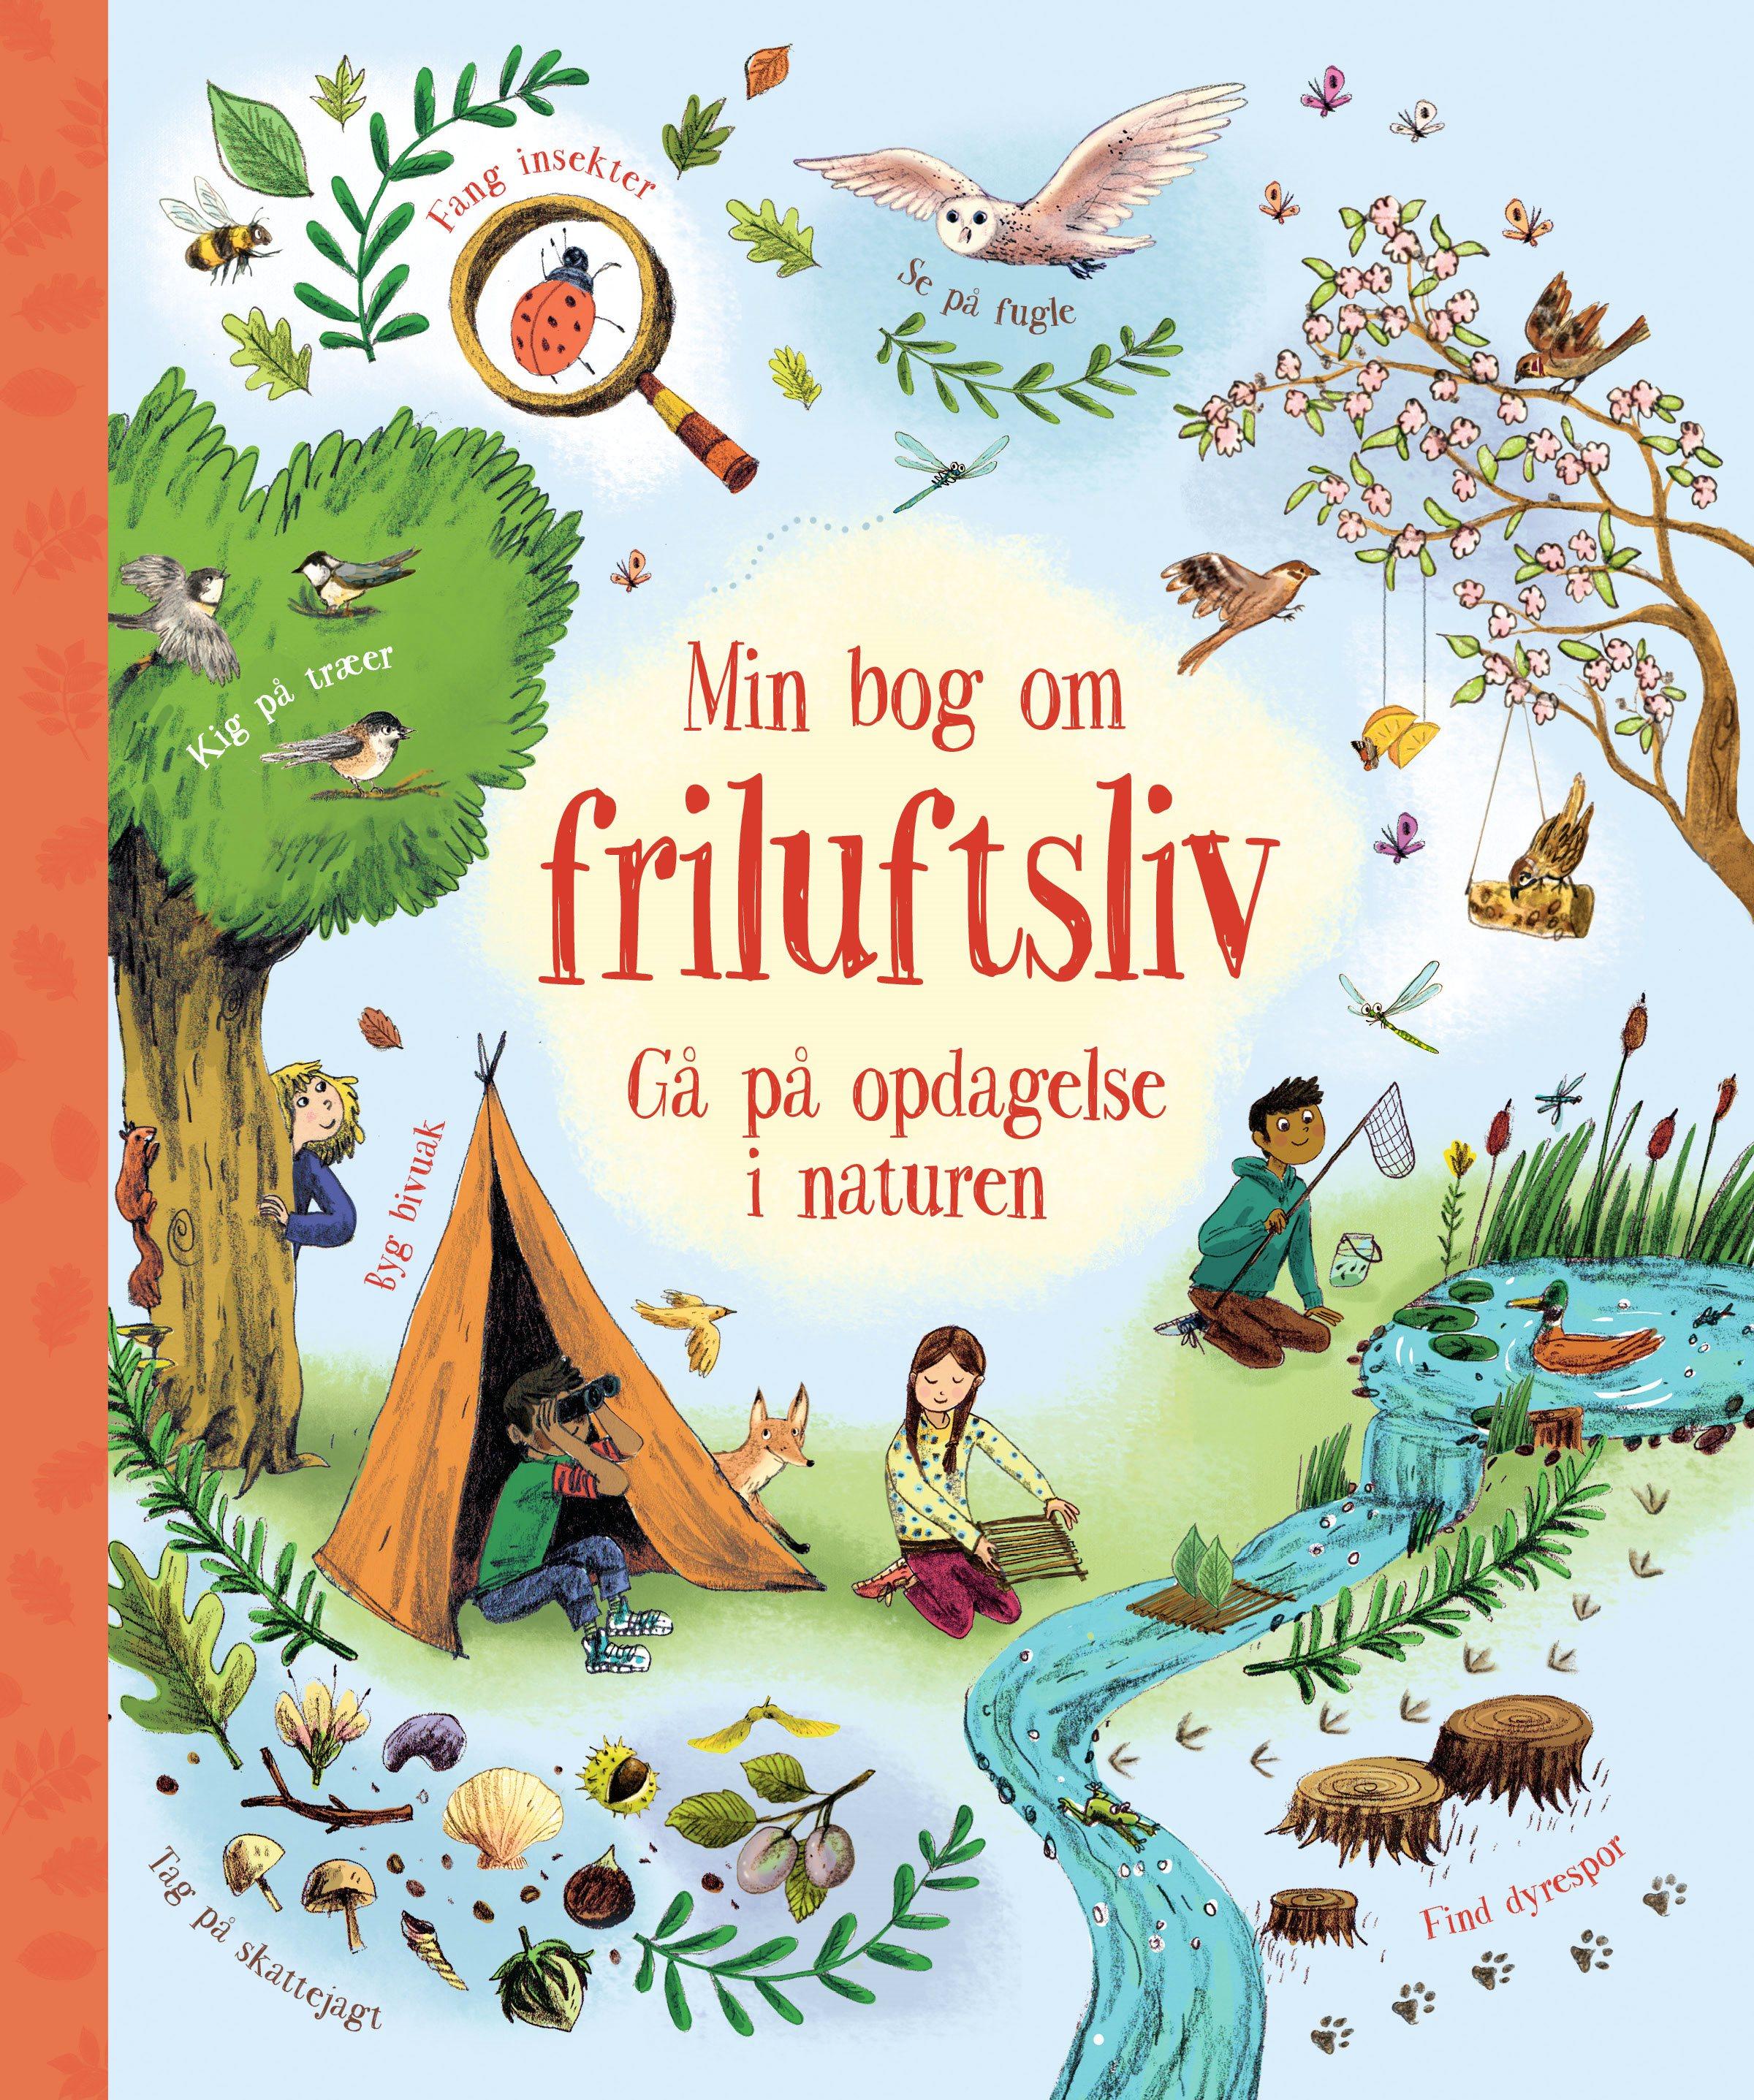 Min bog om friluftsliv, Carlsen, børnebøger, aktivitetsbøger